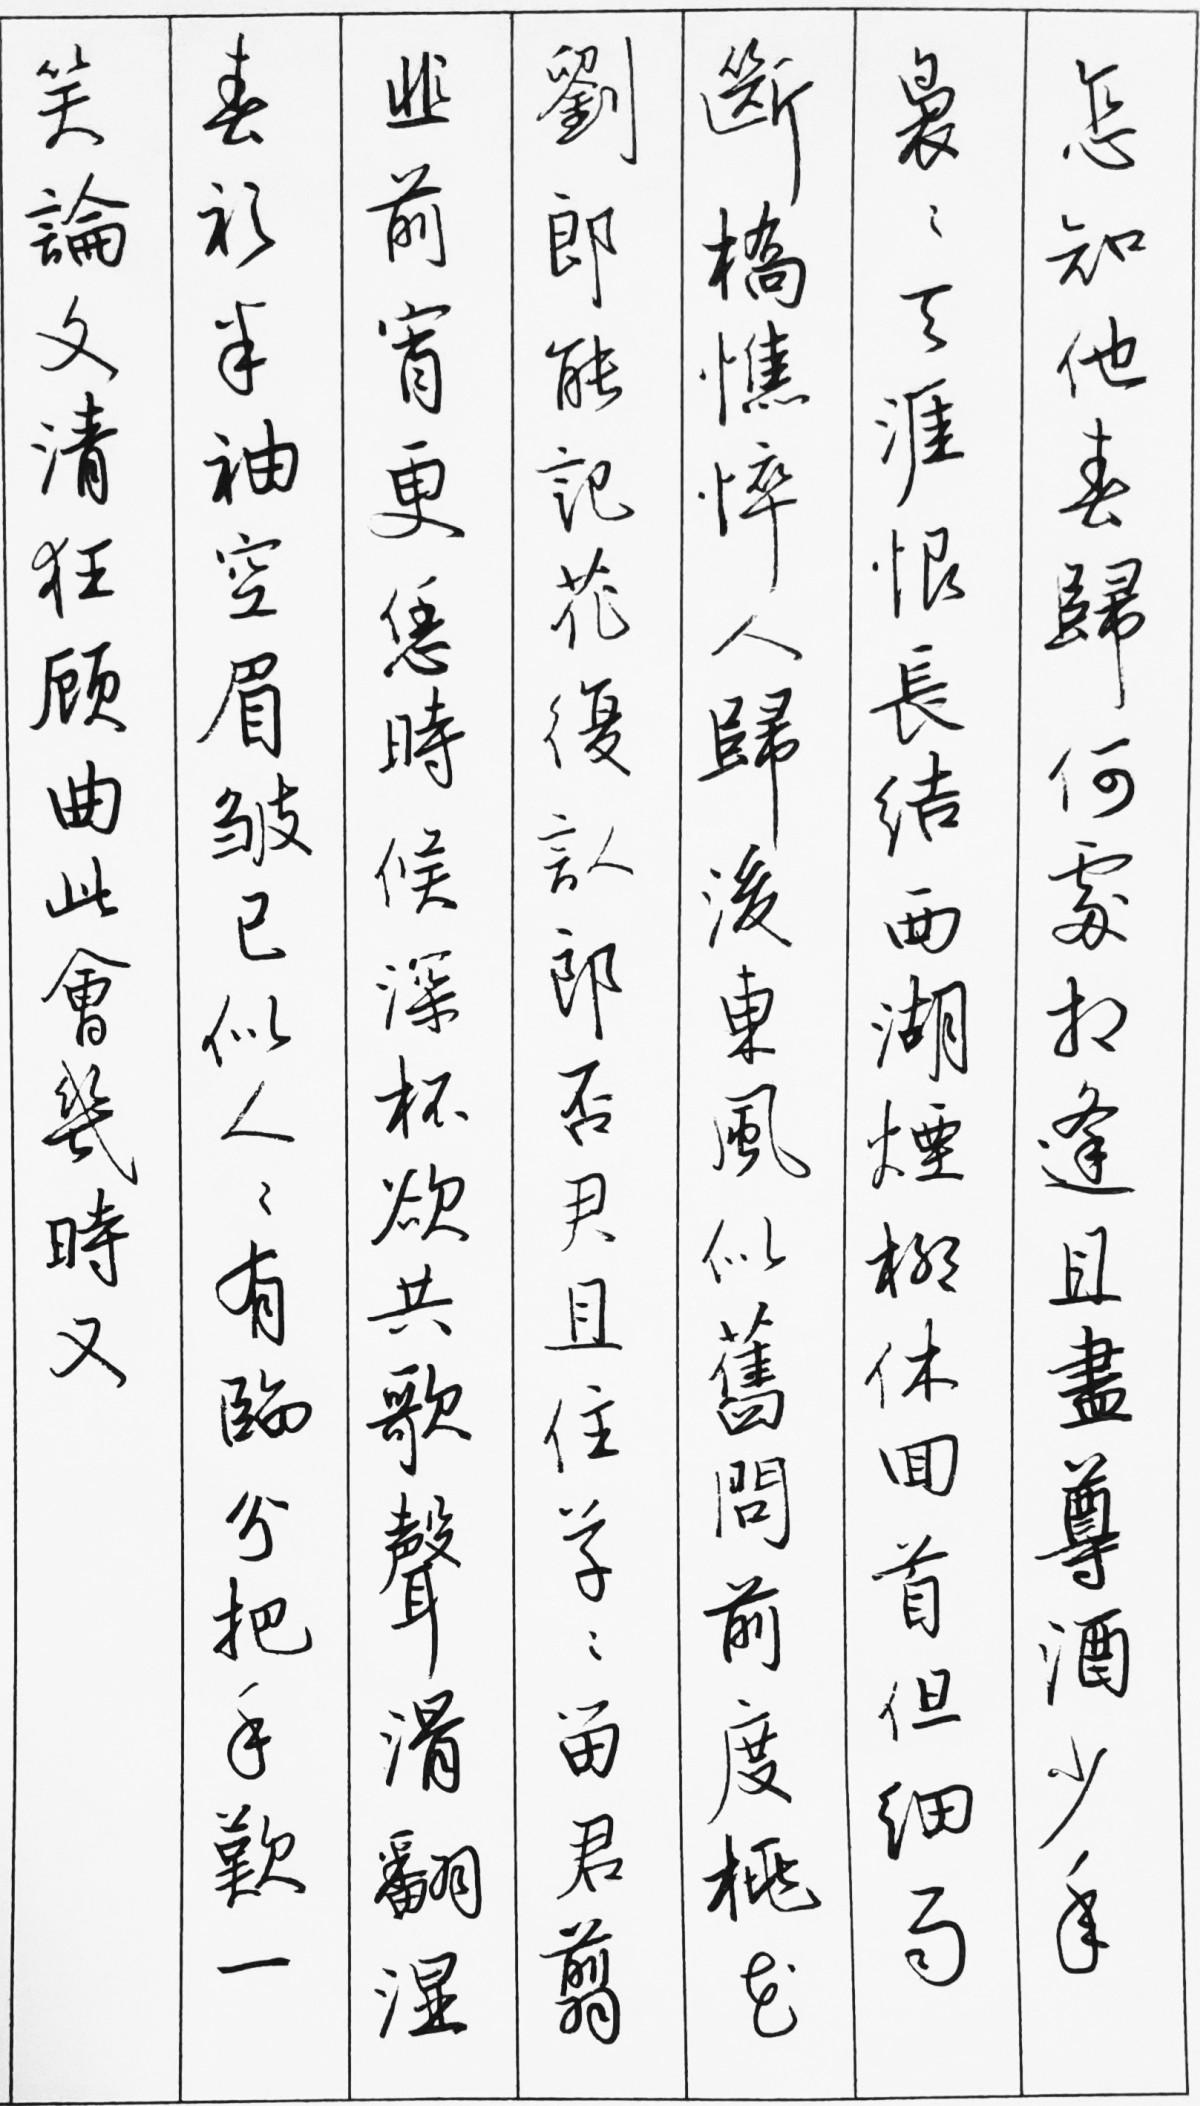 钢笔书法练字打卡20211012-04